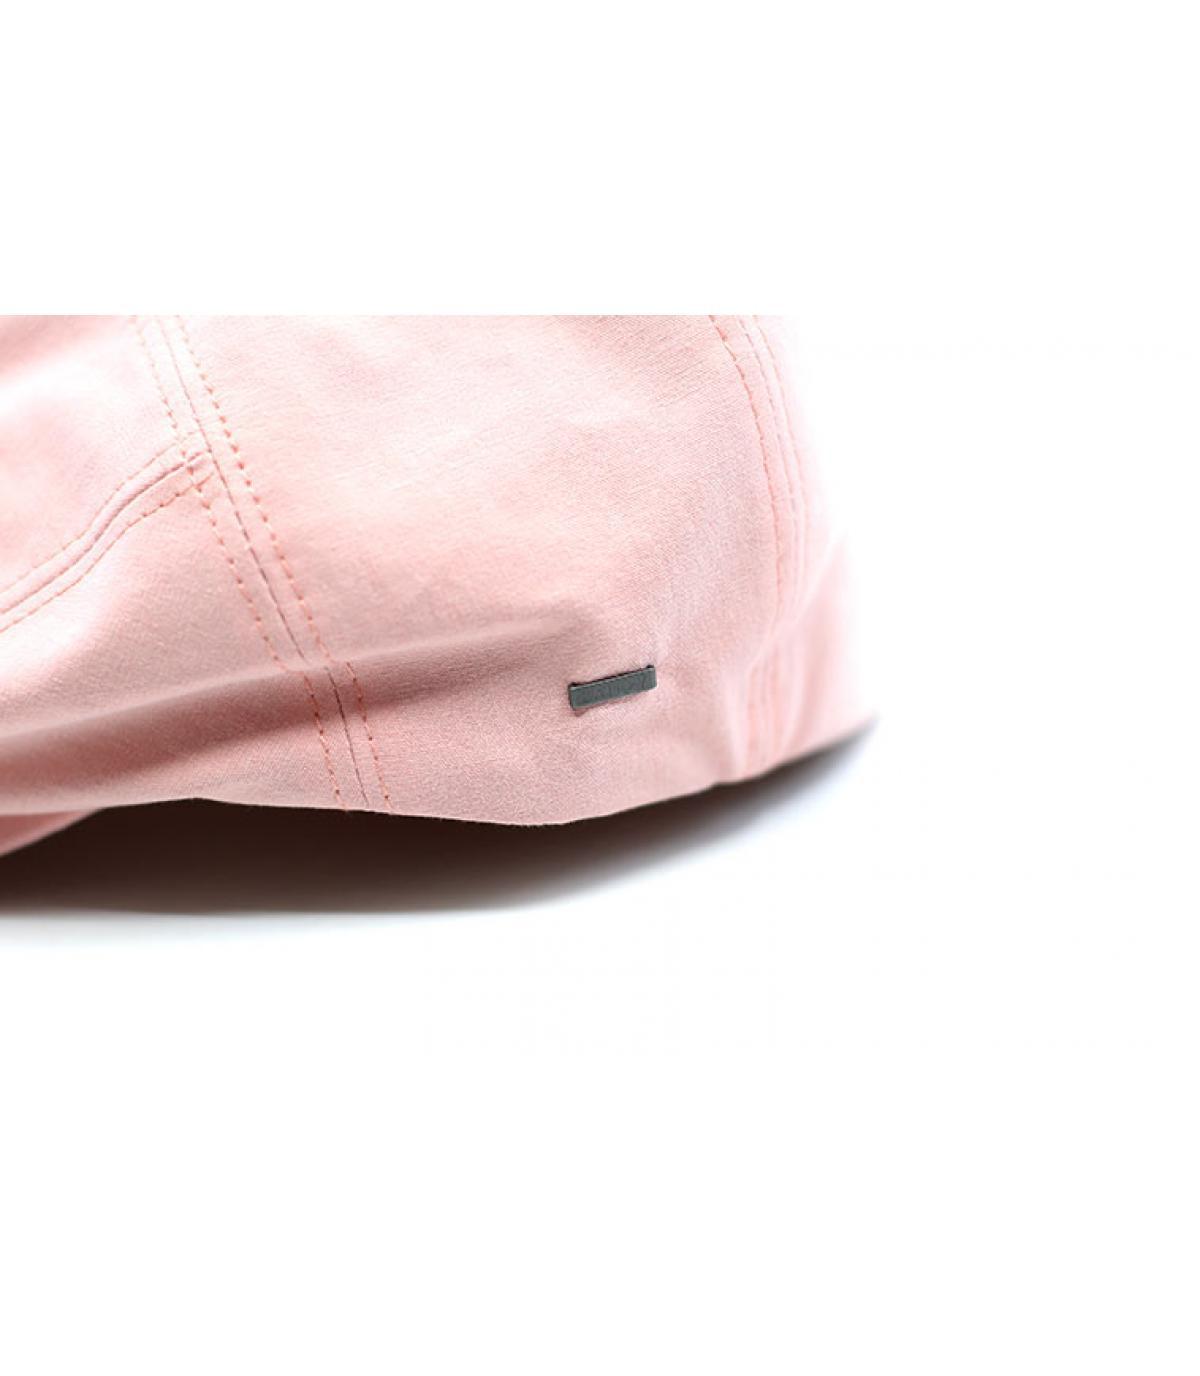 Detalles Keter preppy pink imagen 3